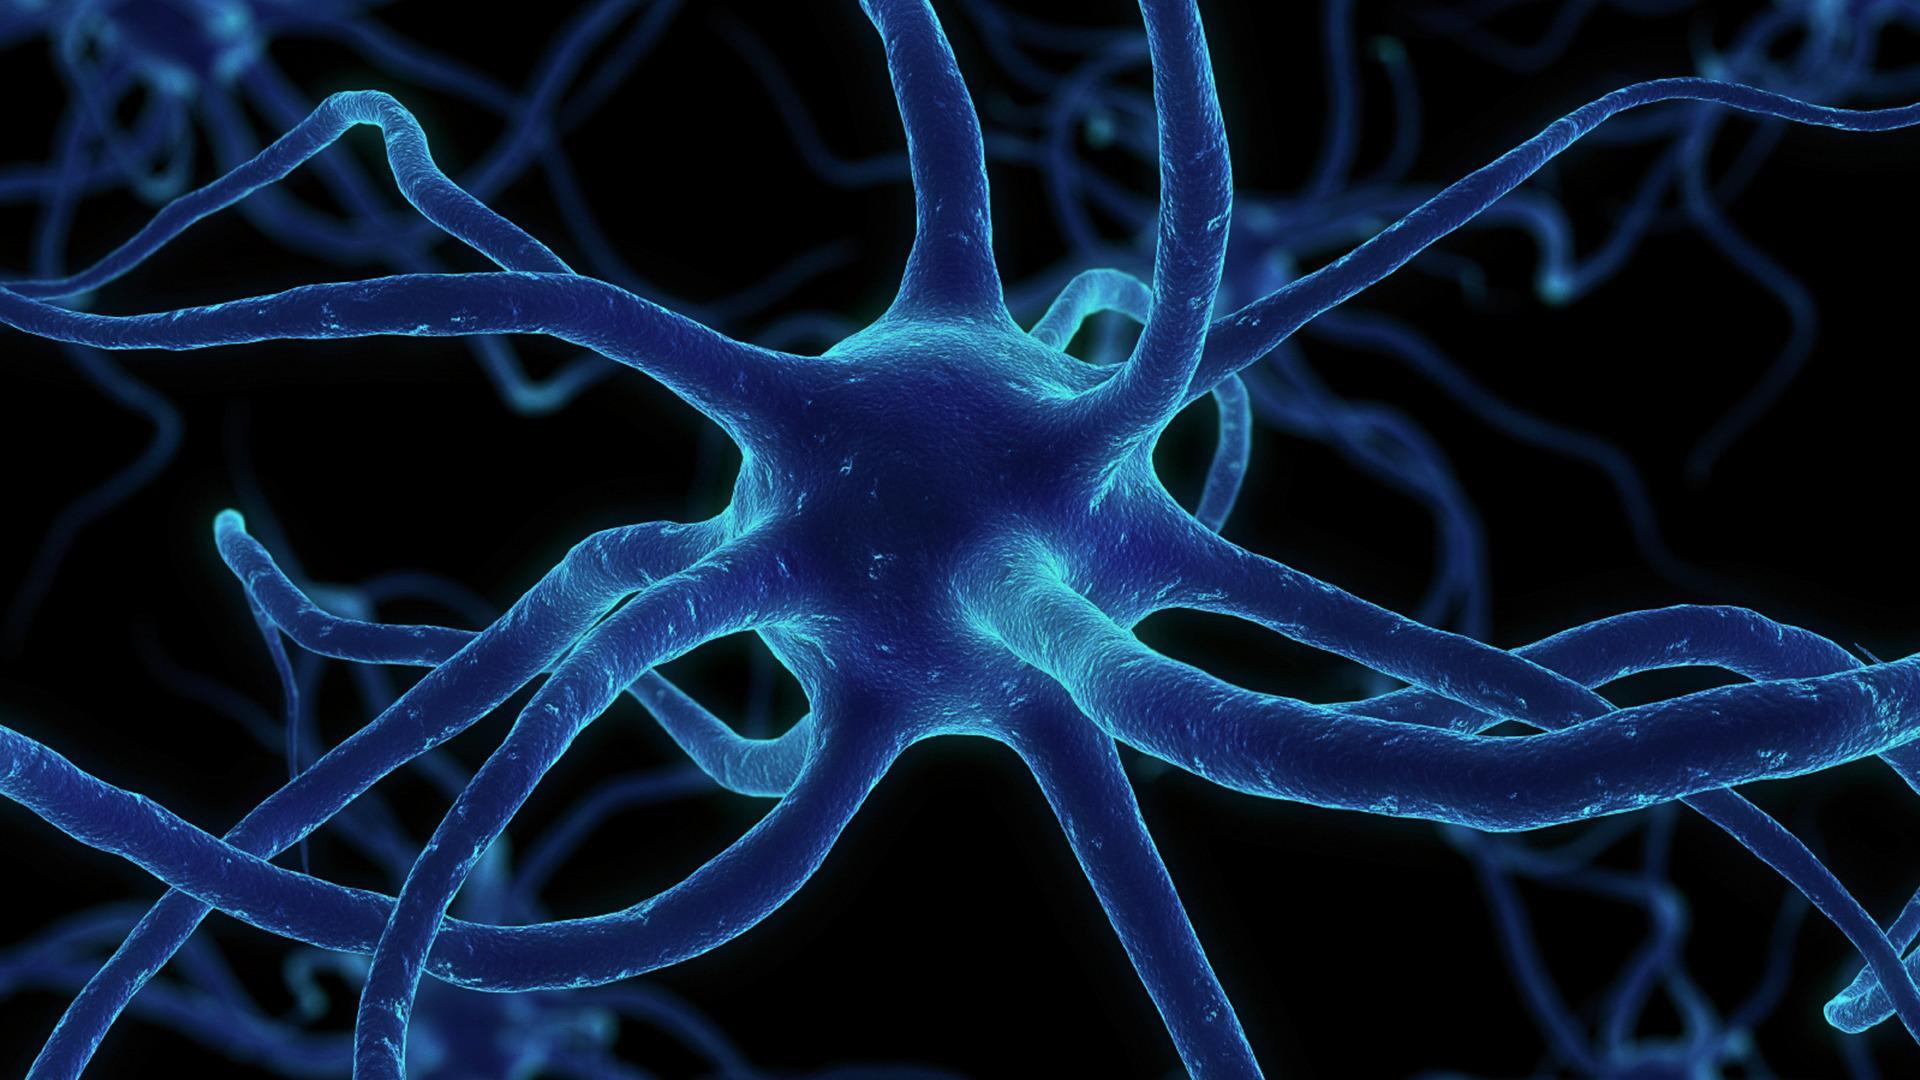 Ученые утверждают, что нервные клетки все-таки могут восстанавливаться